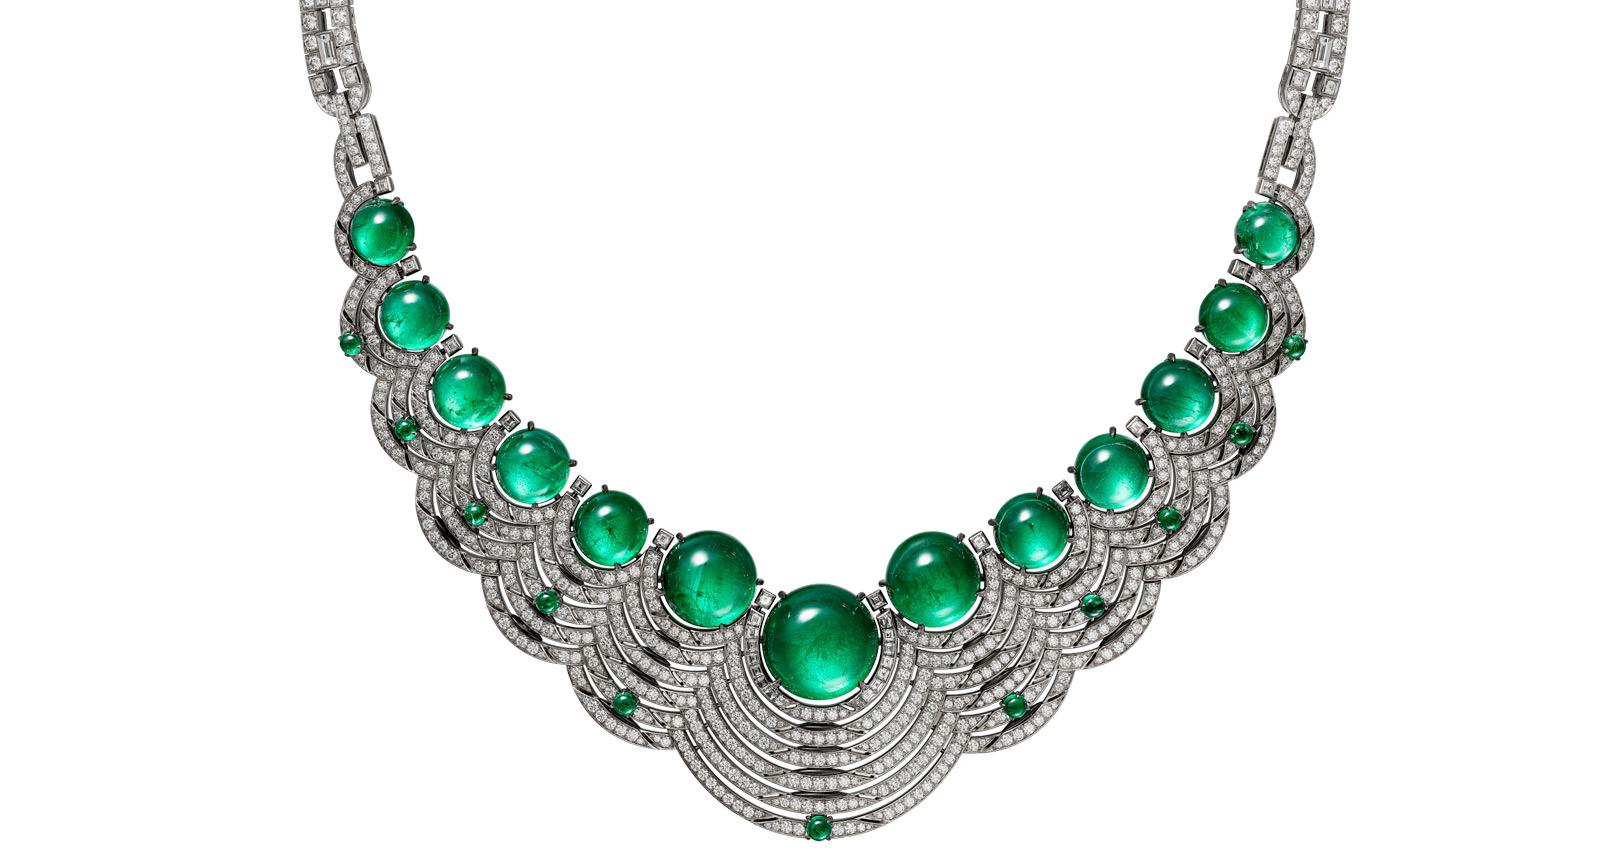 Résonances de Cartier: part II. It's all about the gemstones.